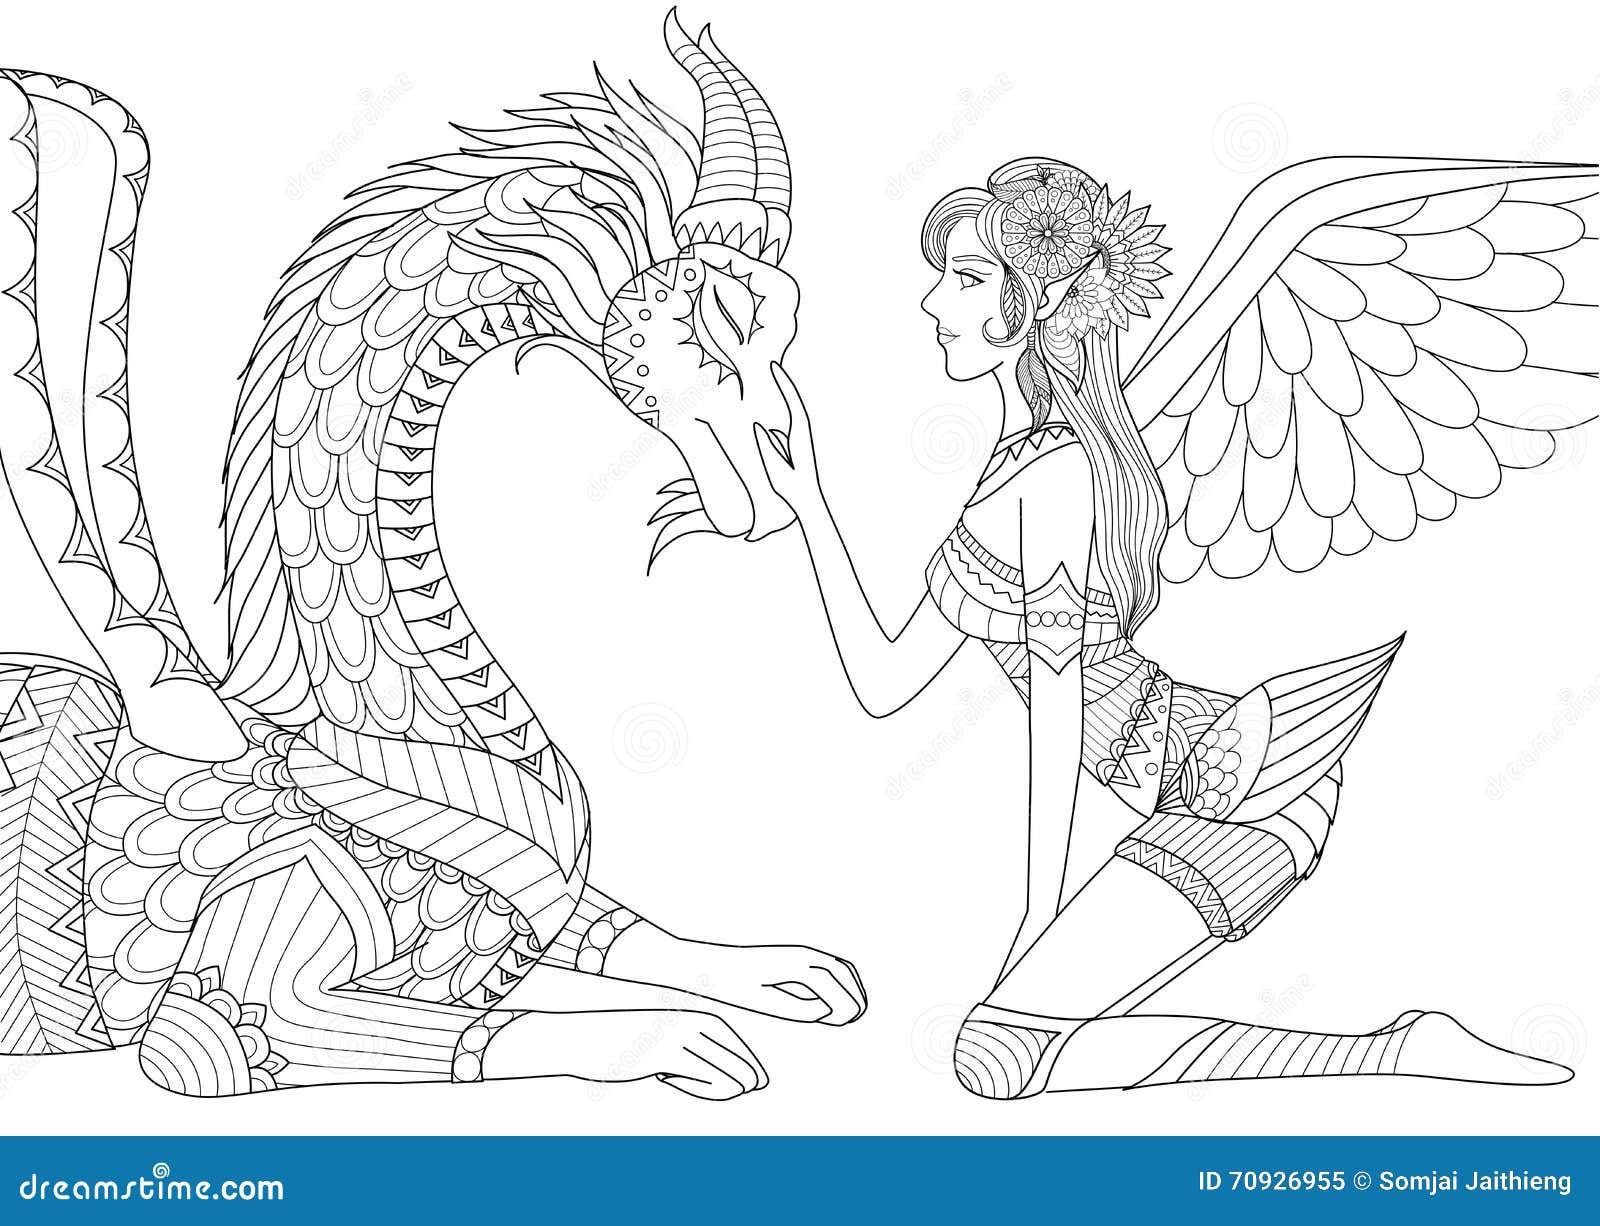 drache ist auf gnade des schönen engels linie kunstdesign